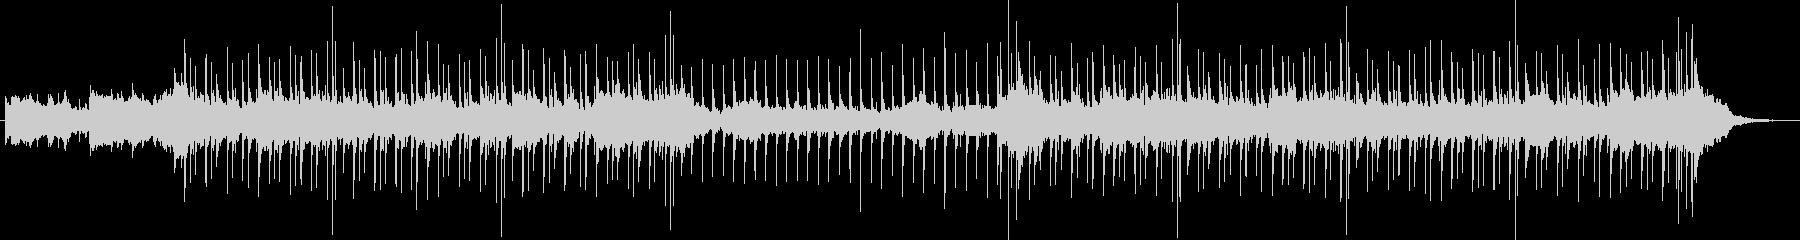 ベル、グロッケンシュピール、チャイ...の未再生の波形